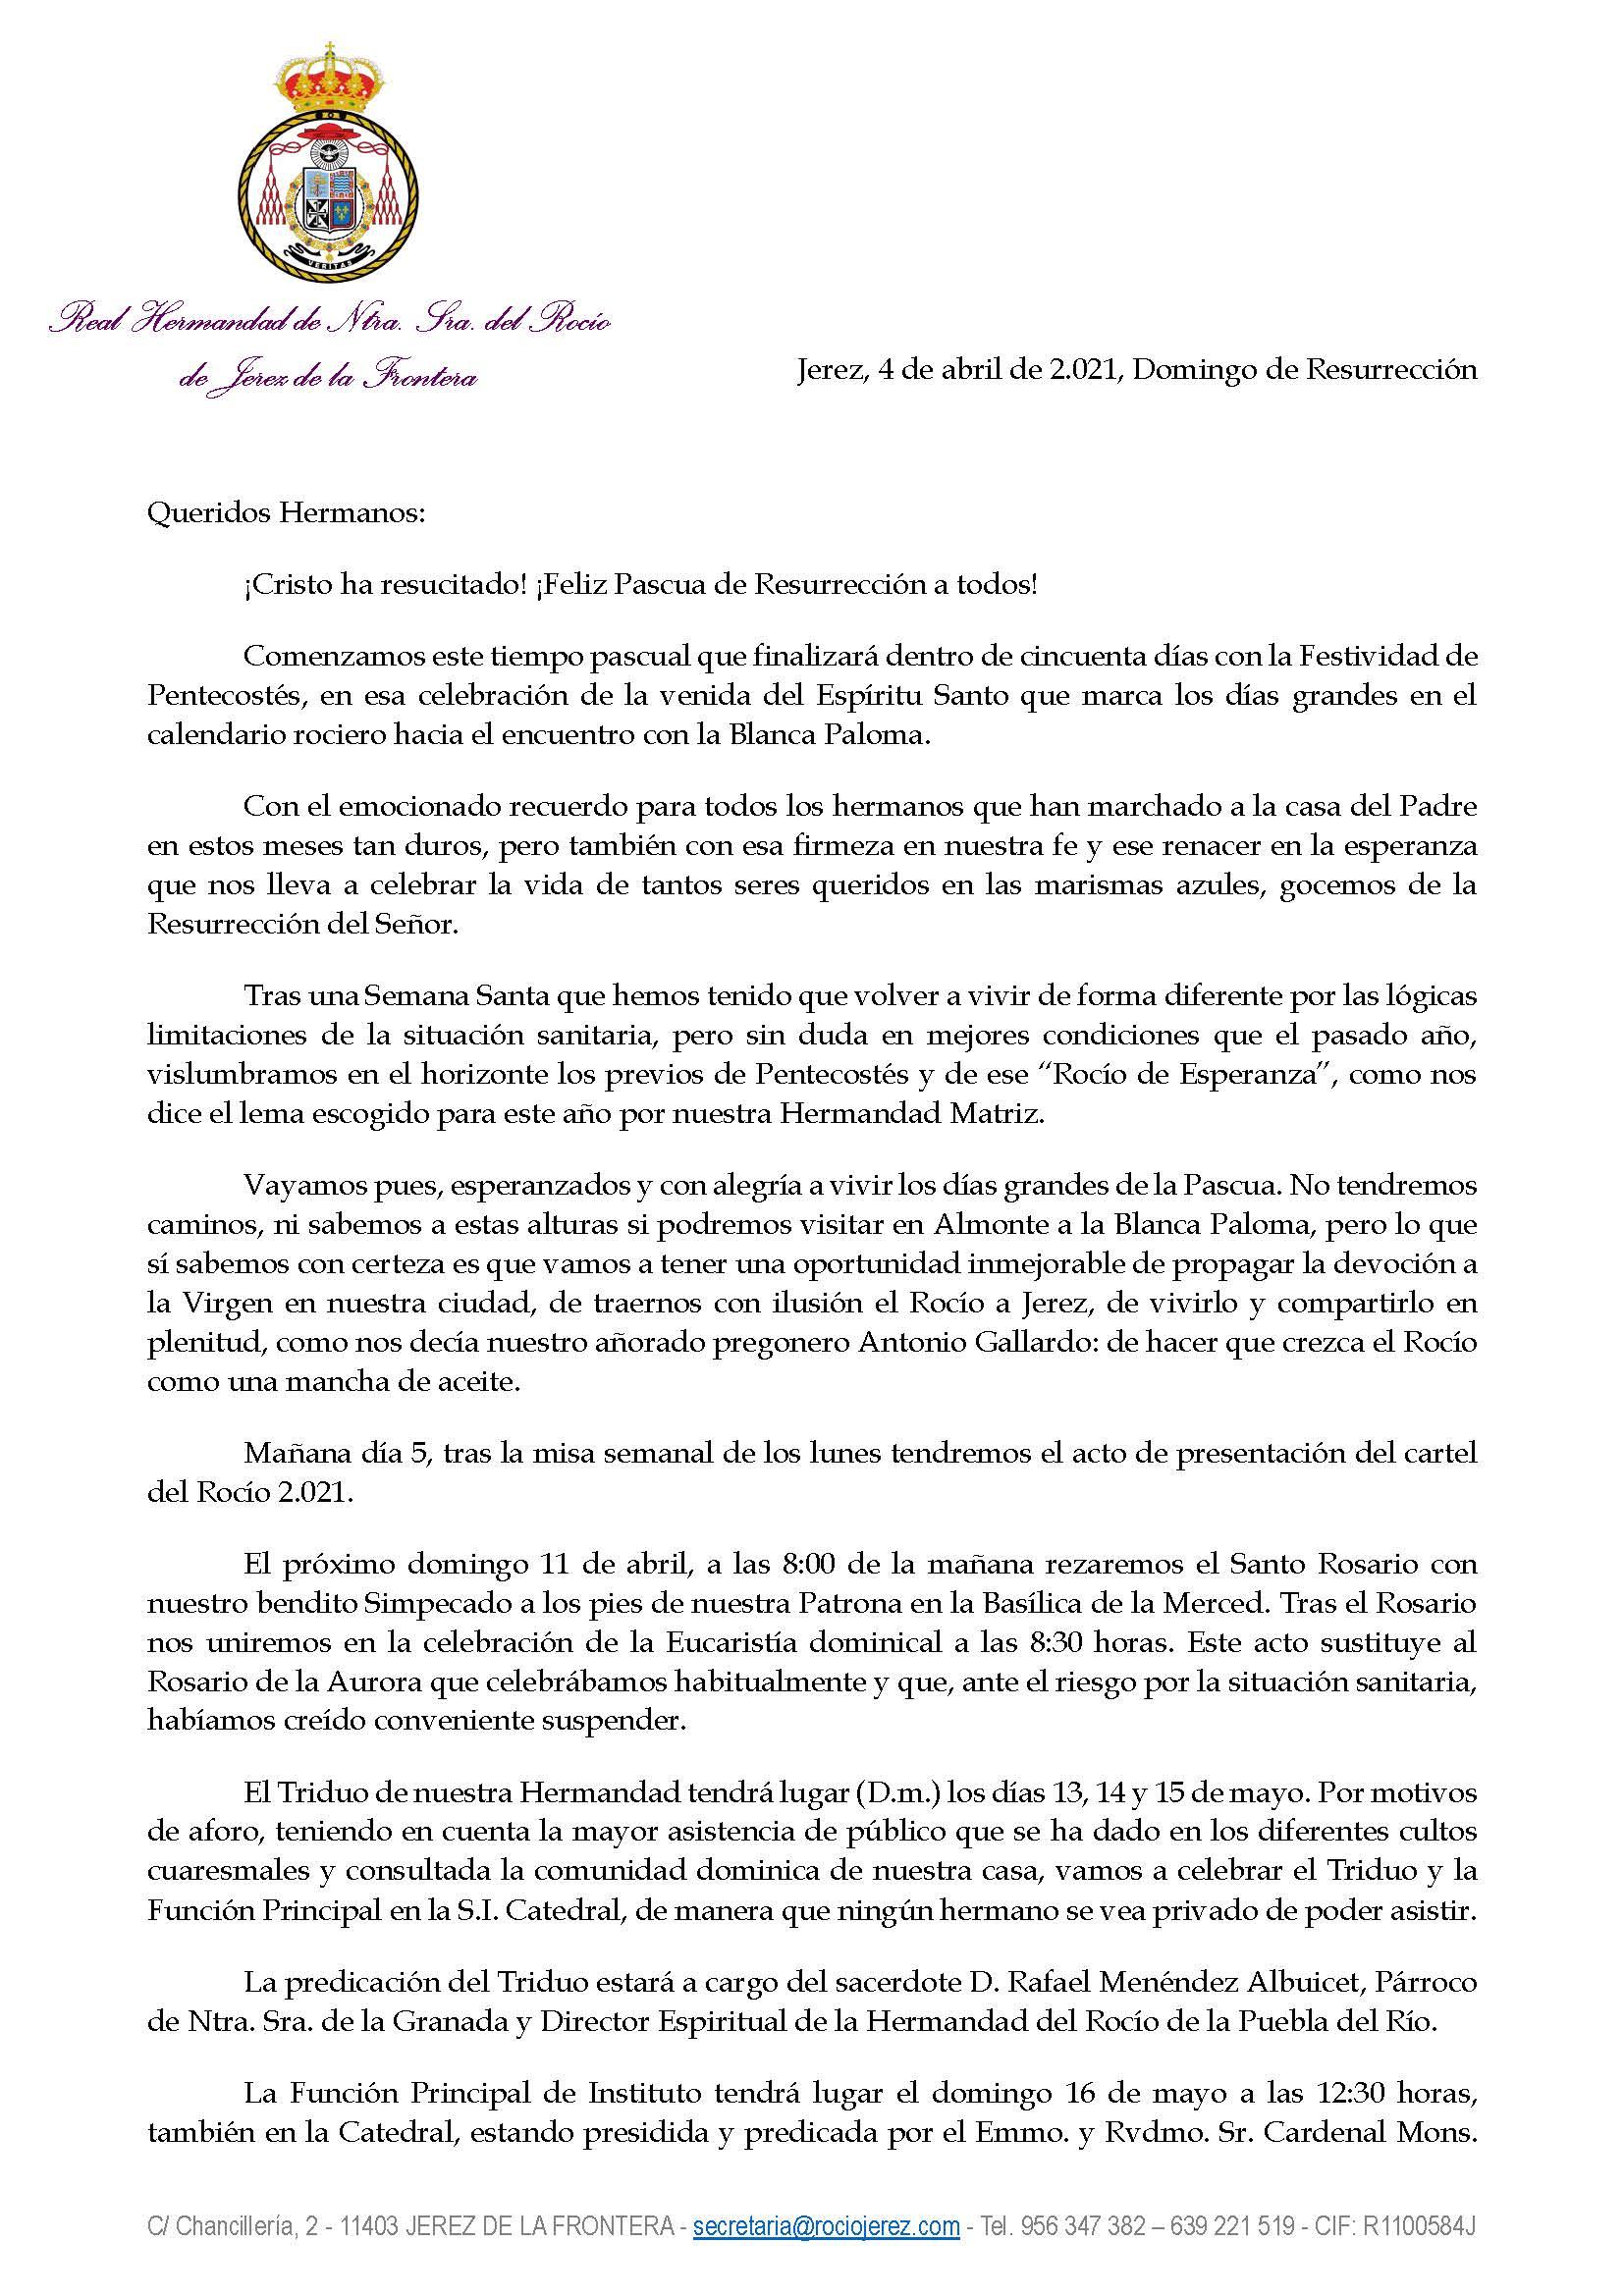 rocio-2021-hermandad-rocio-de-jerez-de-la-frontera-04-04-2021_pagina_1.jpg